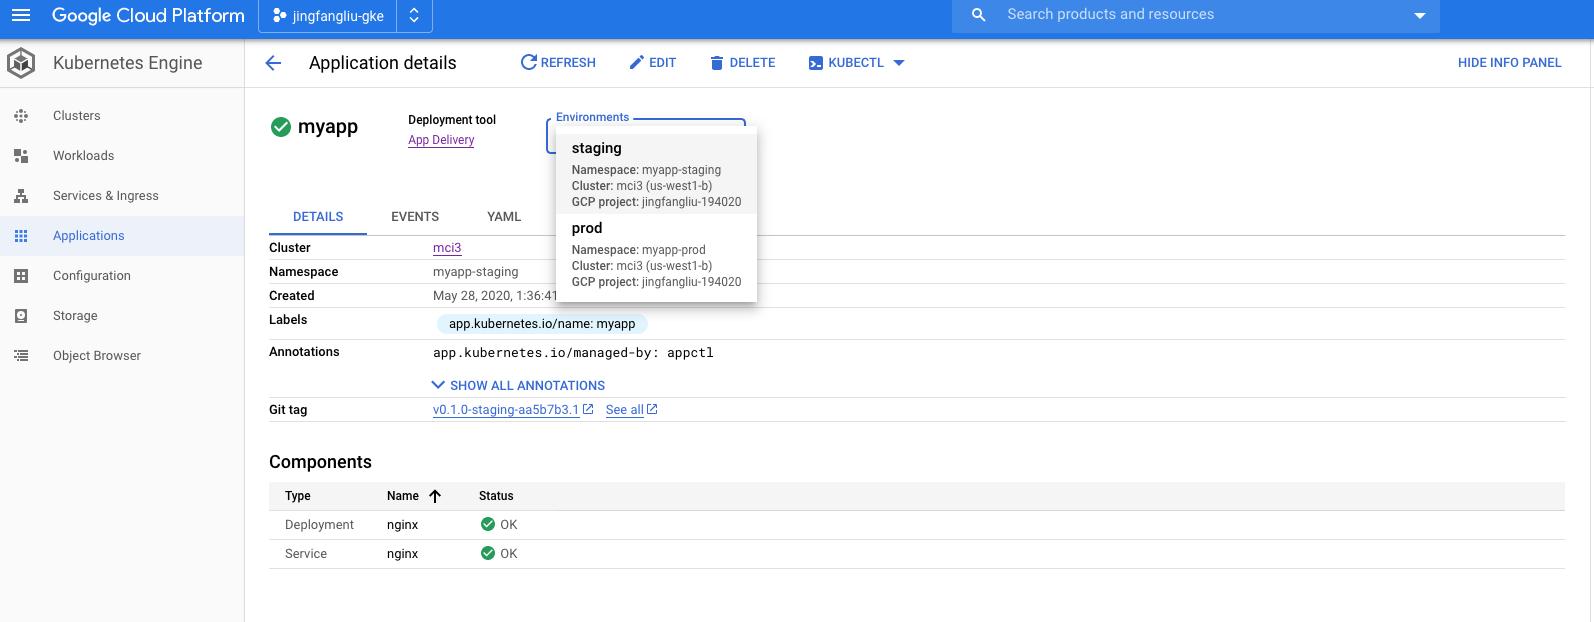 Una captura de pantalla de la página de detalles de la aplicación.